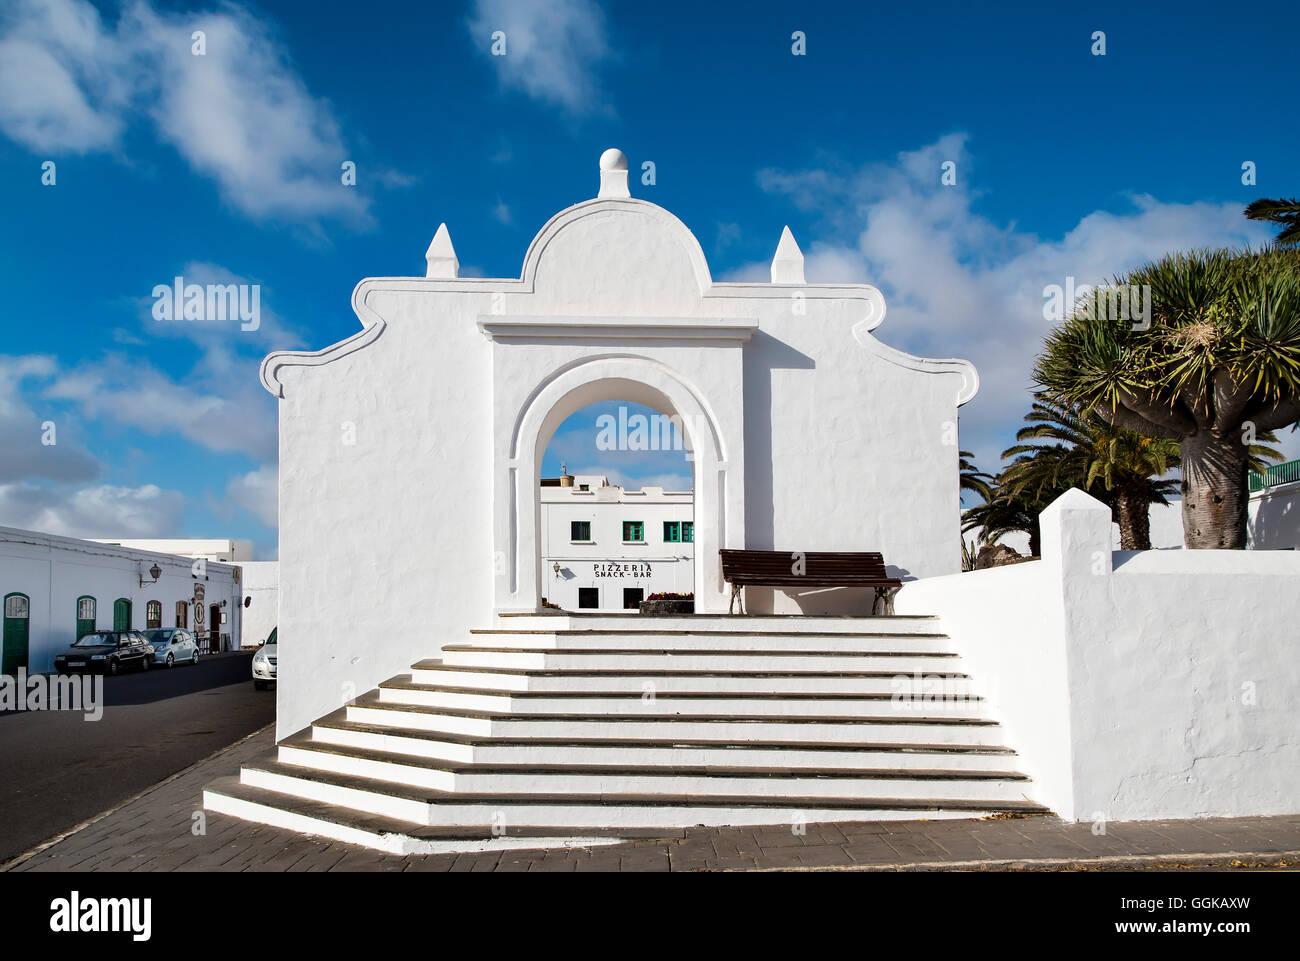 Passaggi di colore bianco in Teguise, Lanzarote, Isole Canarie, Spagna Immagini Stock